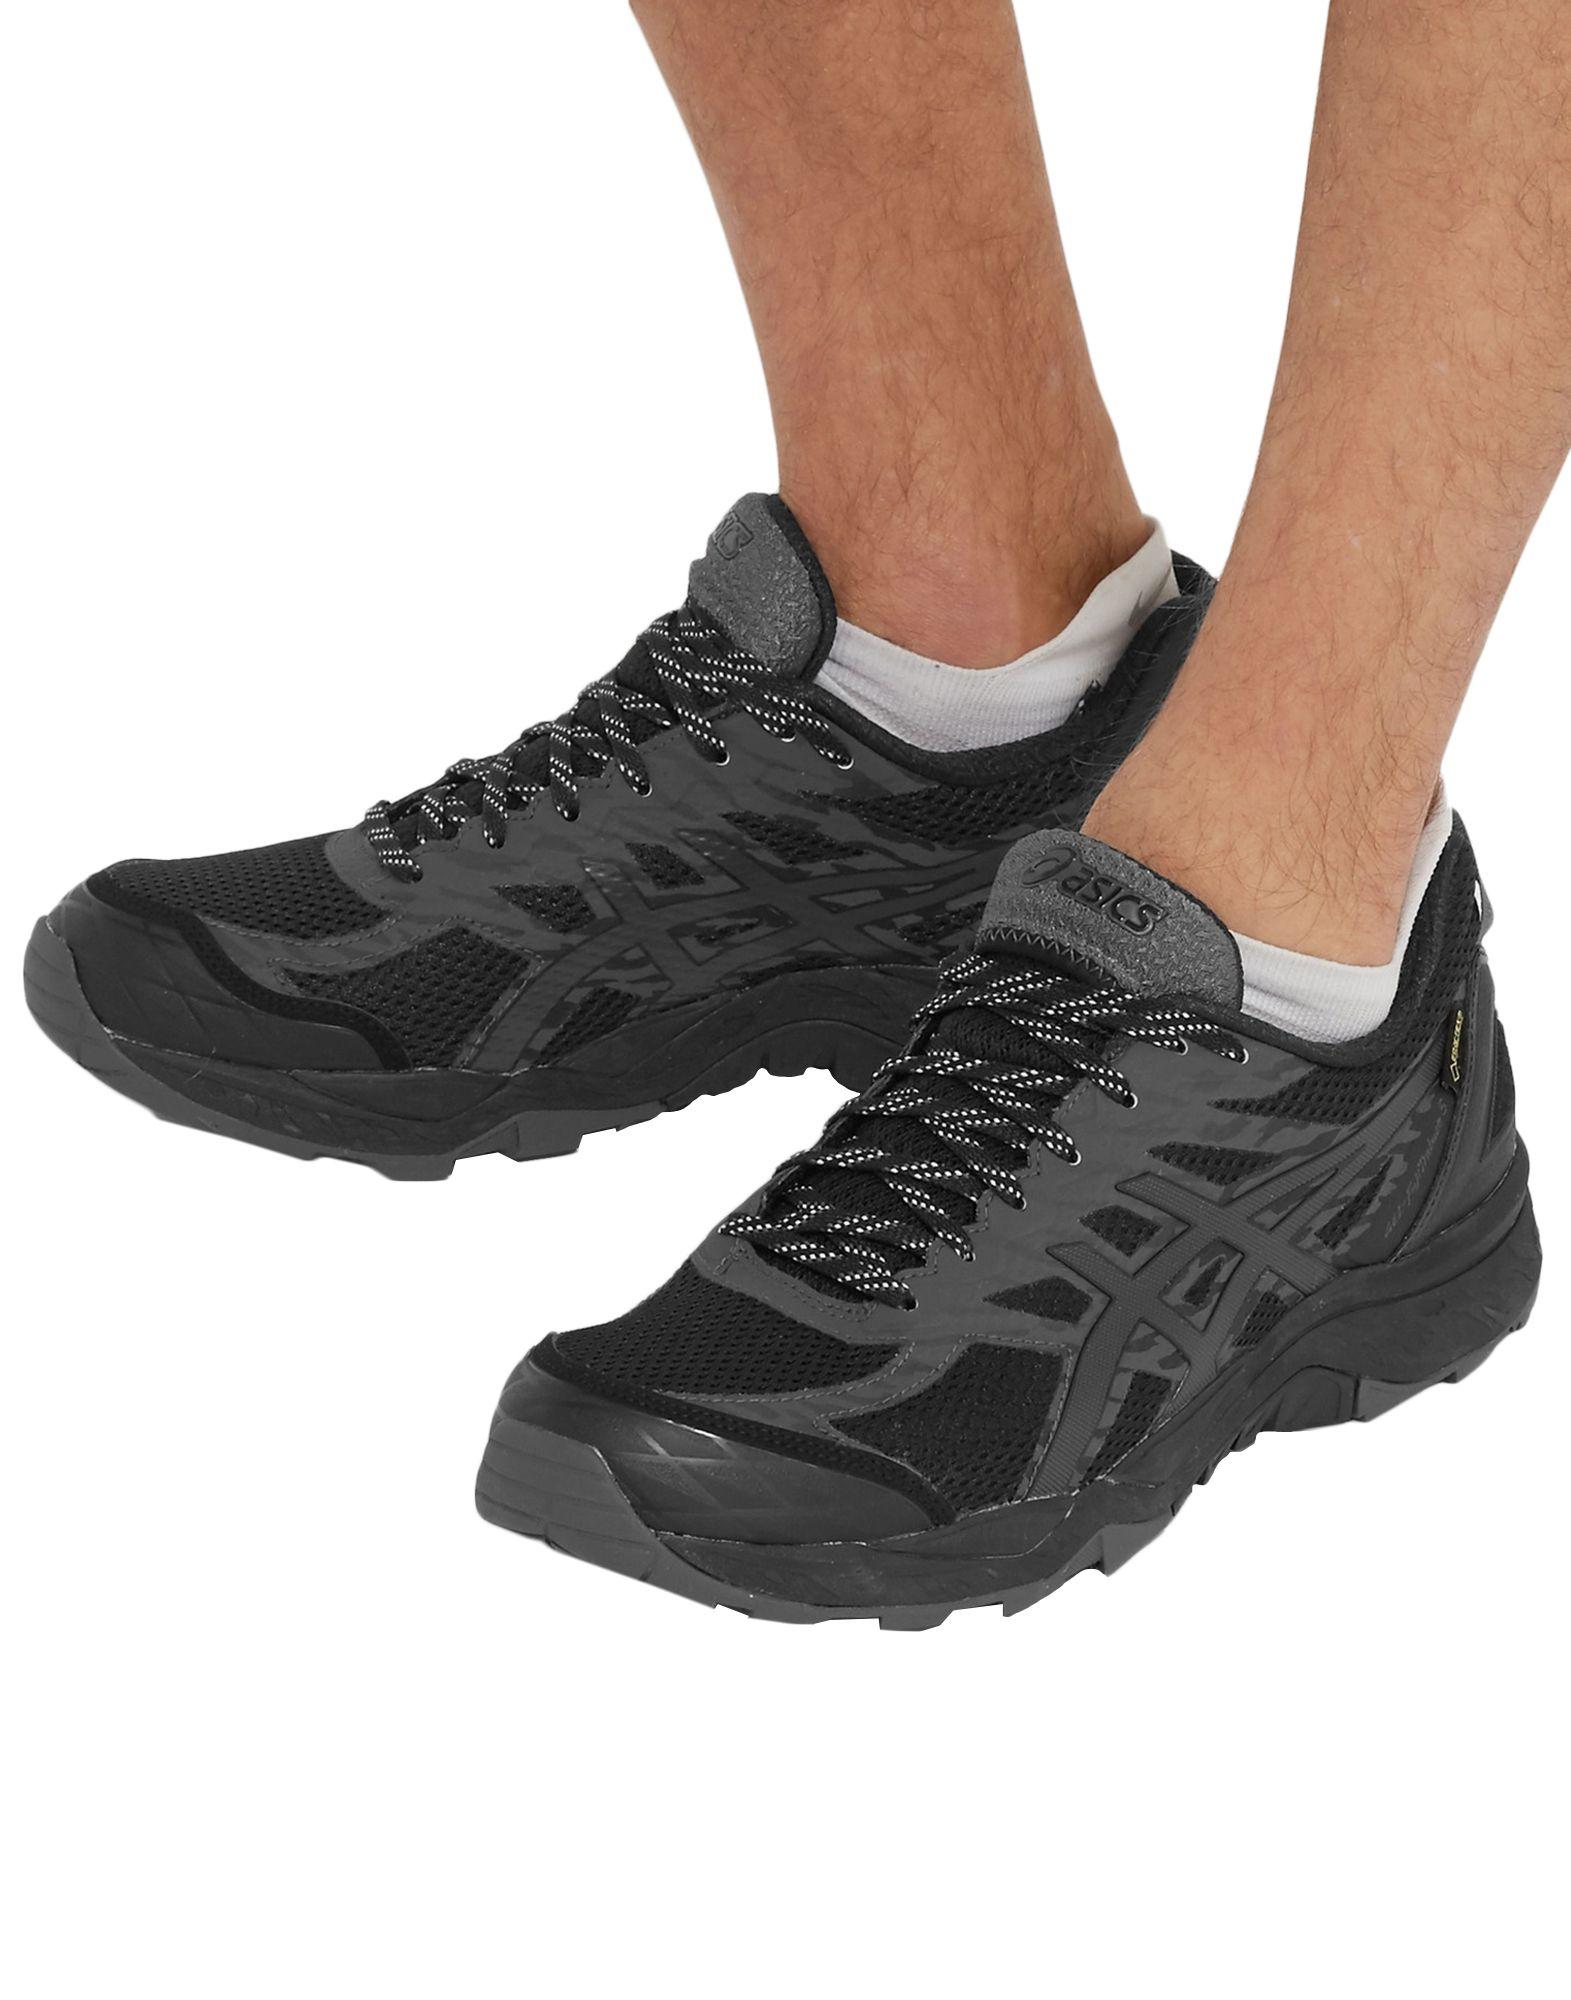 Rabatt Herren echte Schuhe Asics Sneakers Herren Rabatt  11540423LT 745cfb